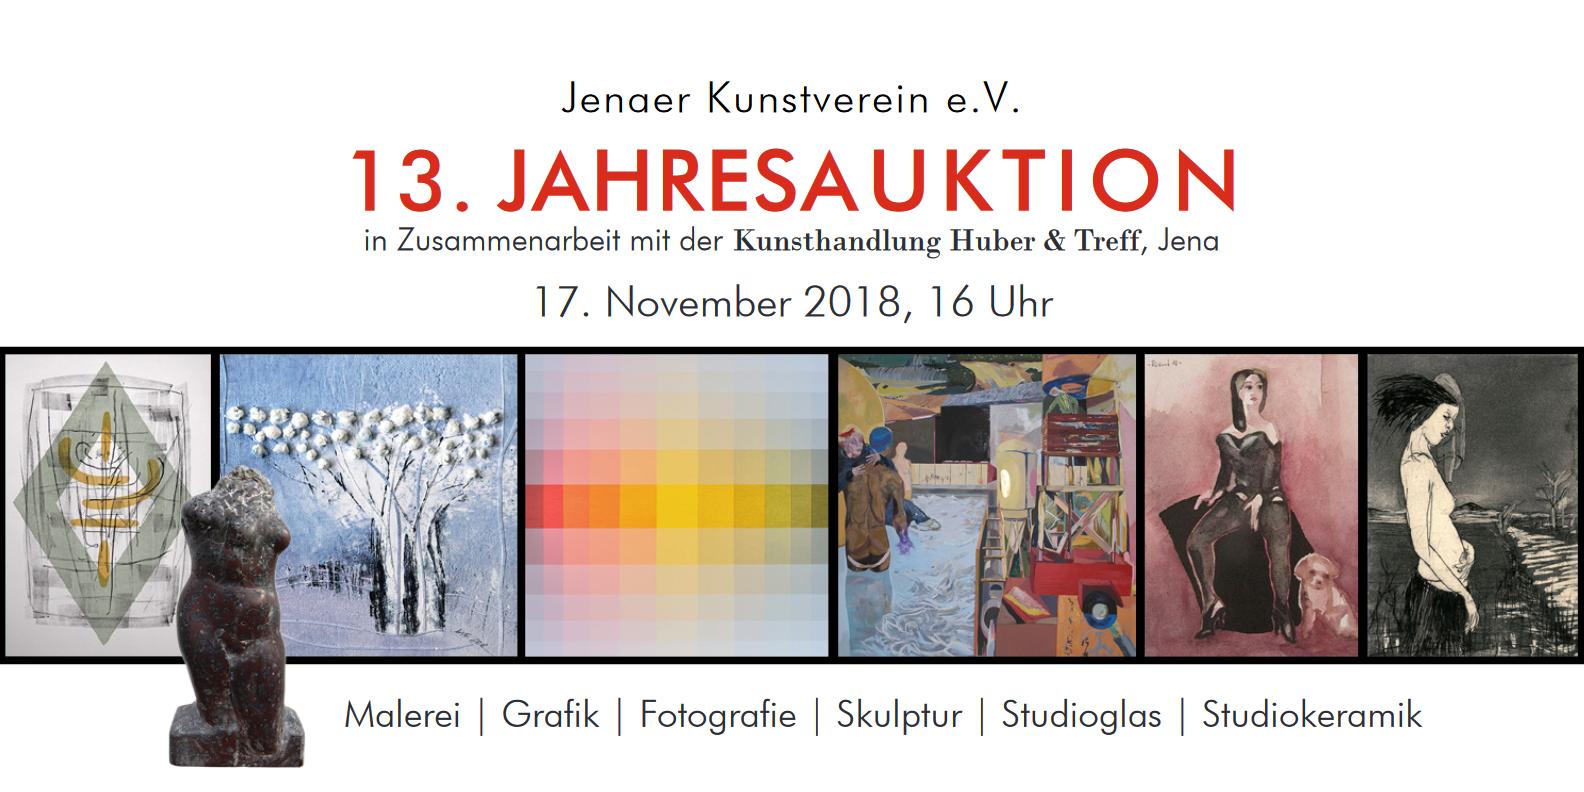 Titelbild - 13. Jahresauktion | Jenaer Kunstverein, Huber & Treff